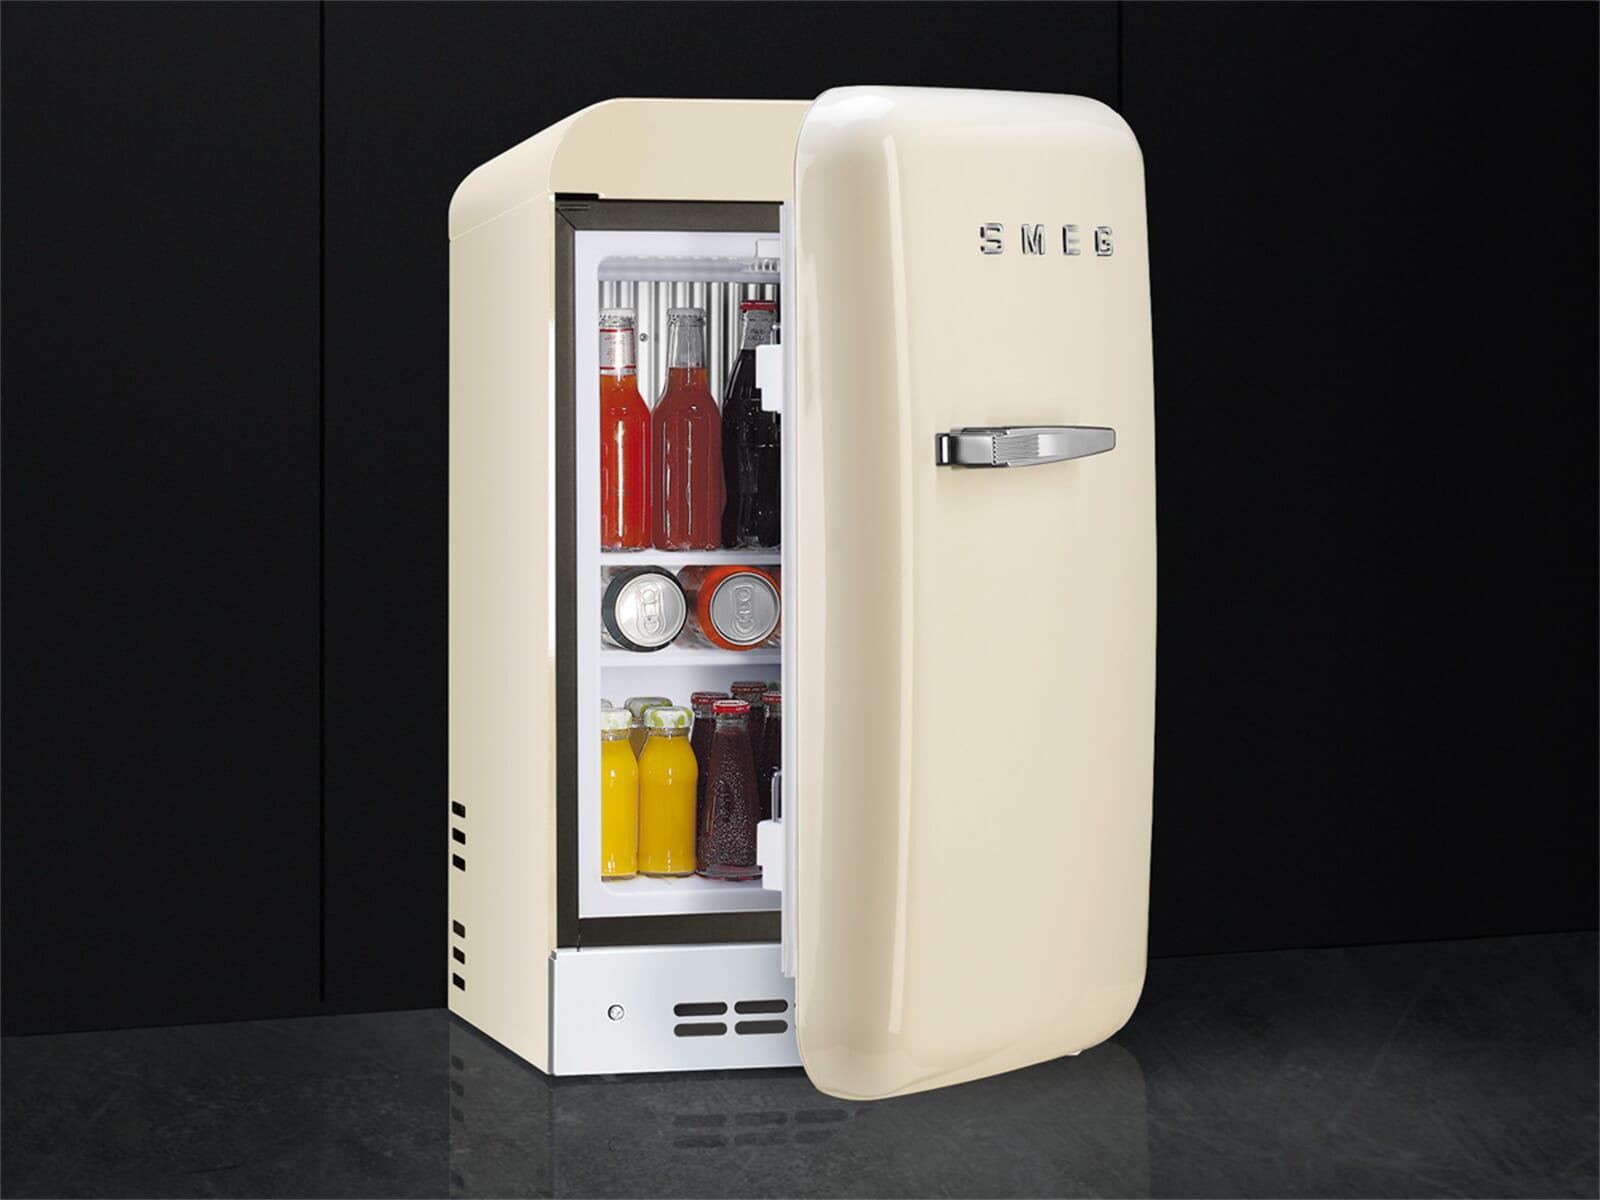 Bosch Kühlschrank Geräusche : Smeg kühlschrank geräusche handleiding smeg fa pagina